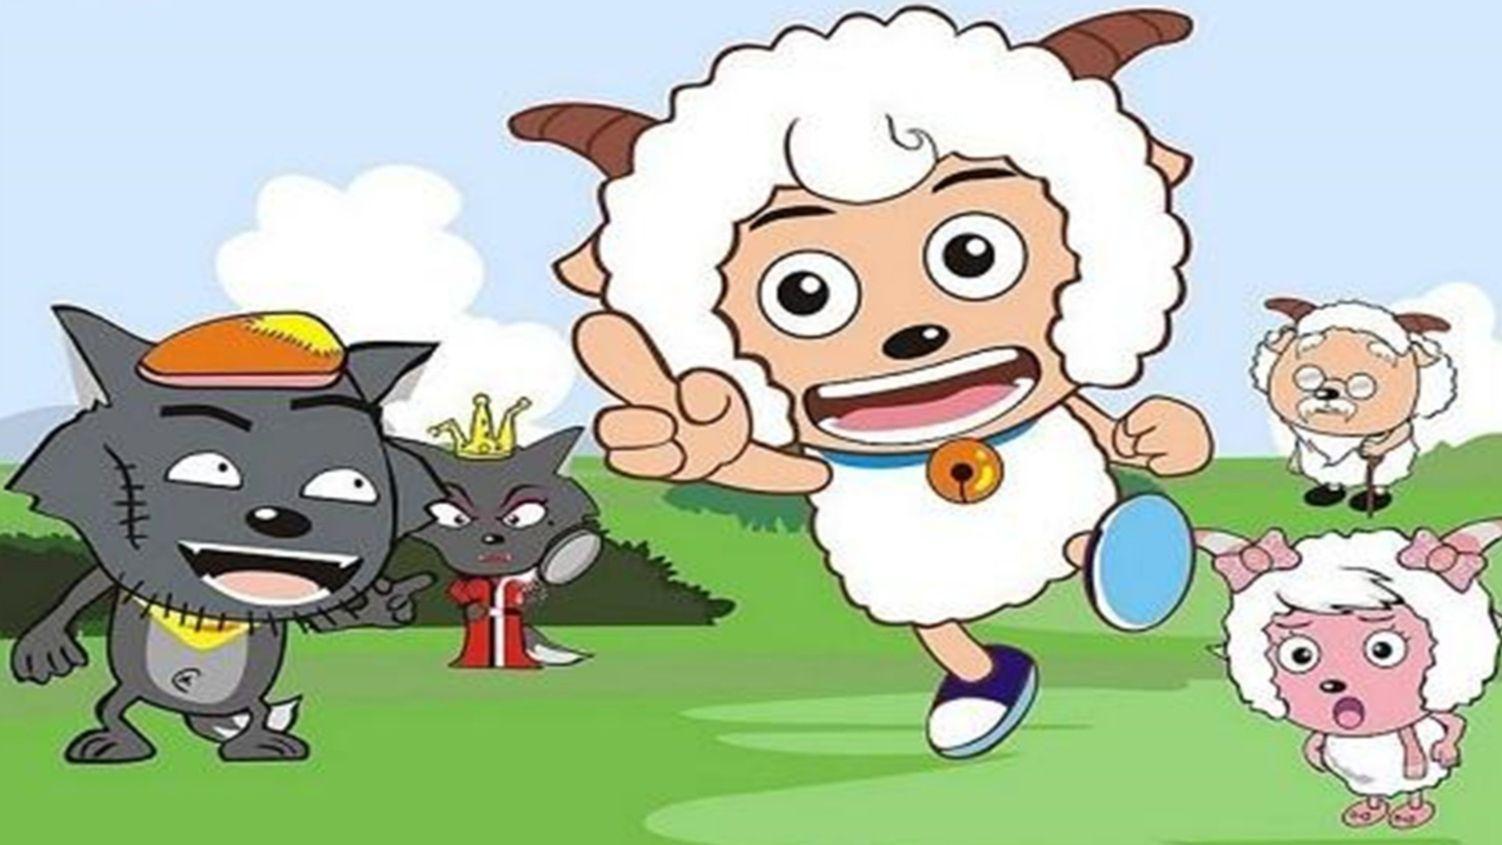 沸羊羊大挑战_喜羊羊与灰太狼片头曲视频